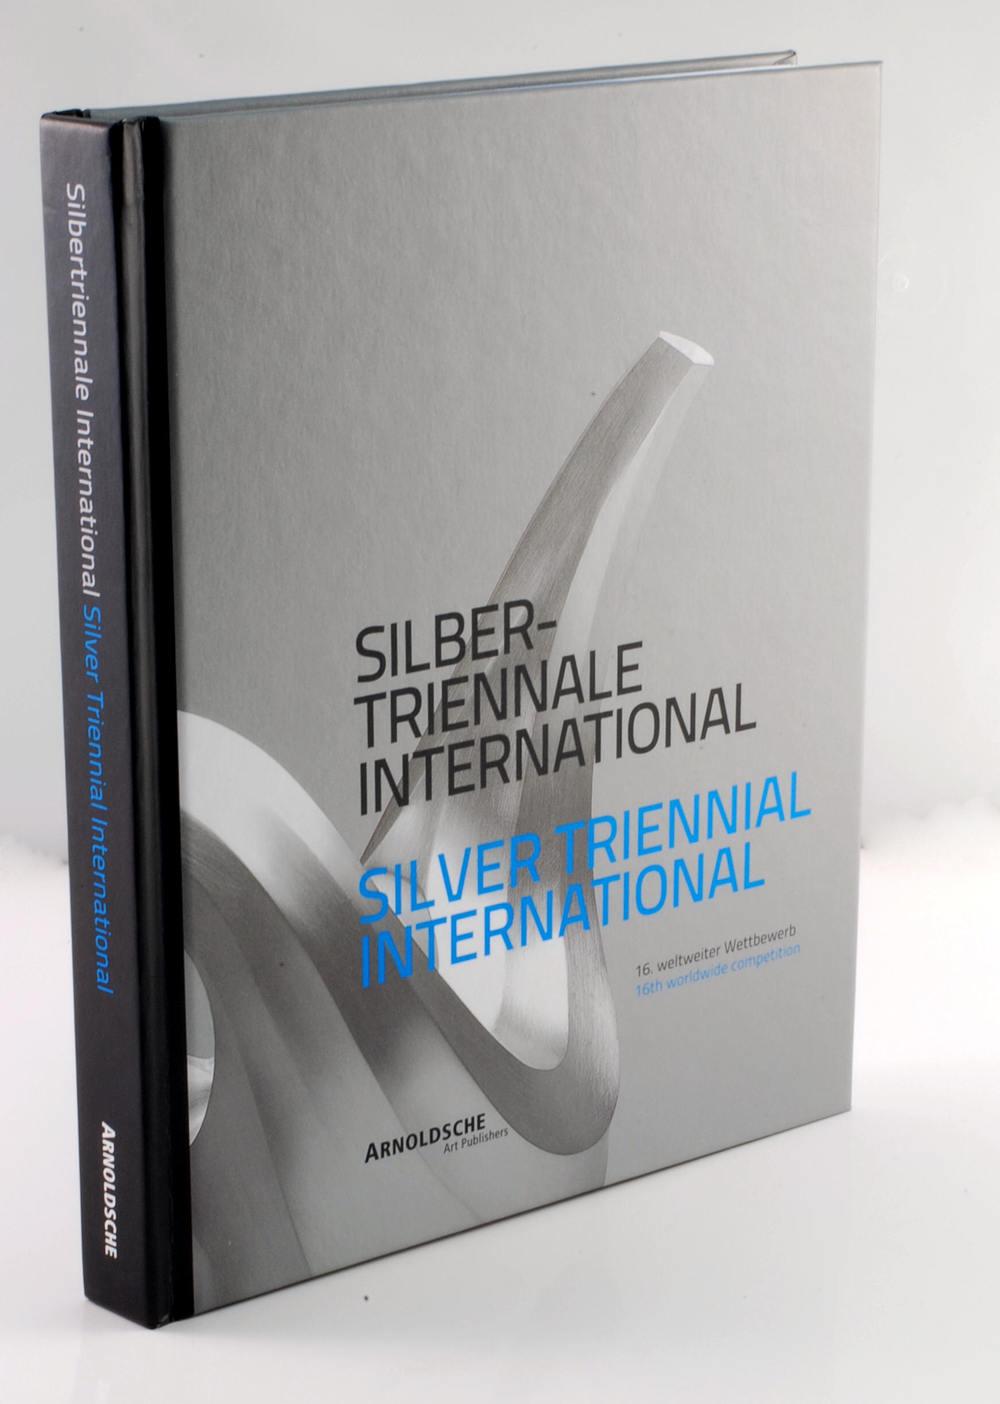 Silver Triennial